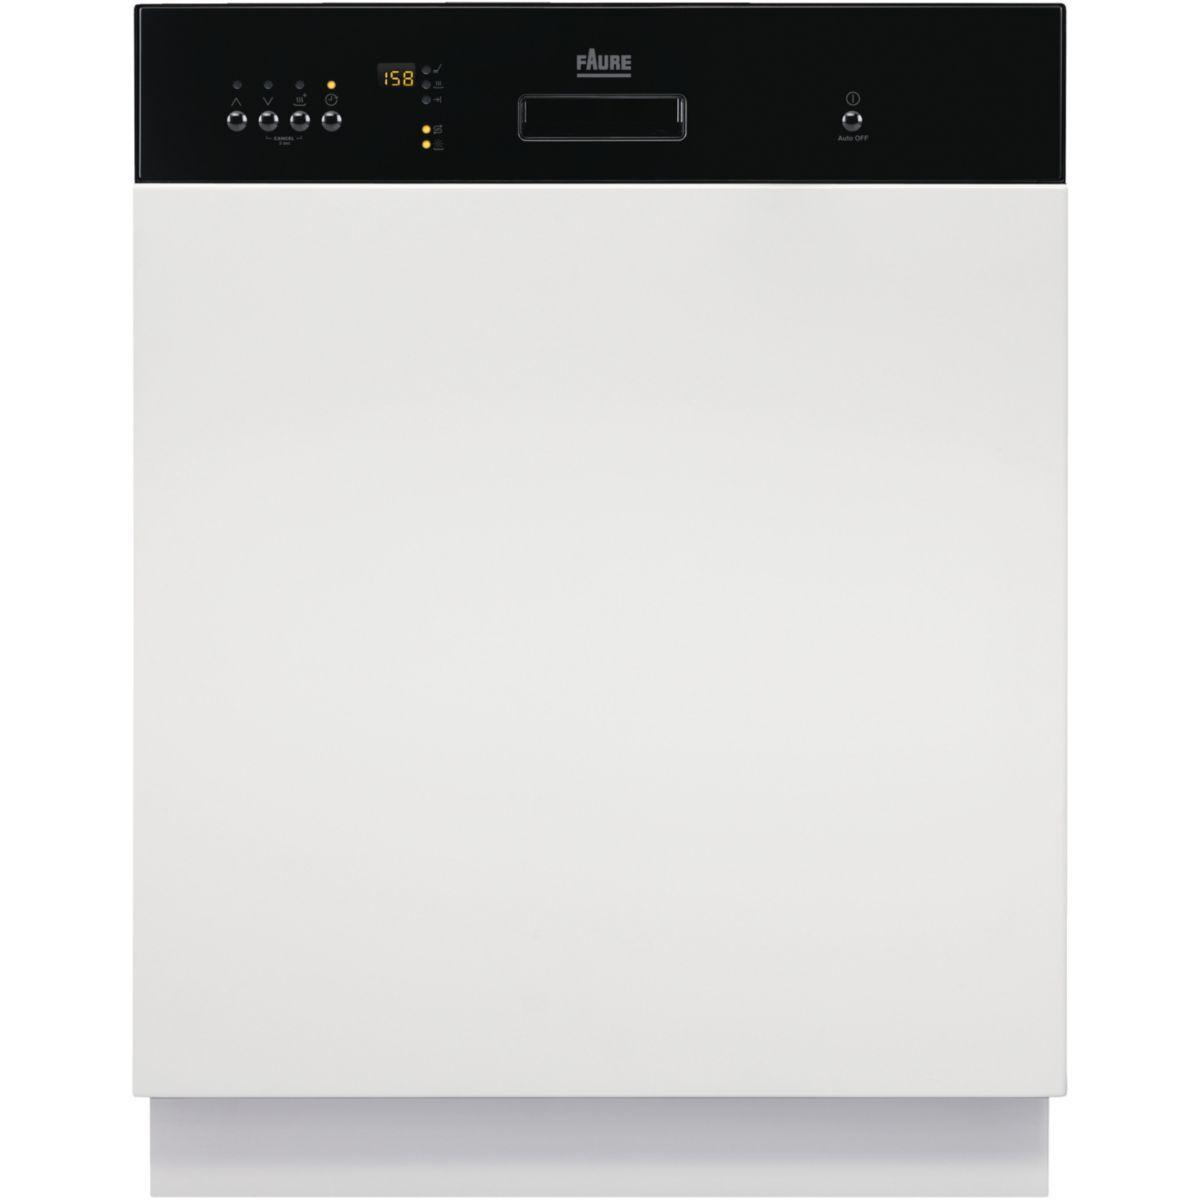 Lave vaisselle encastrable faure fdi26022na - 7% de remise imm�diate avec le code : gam7